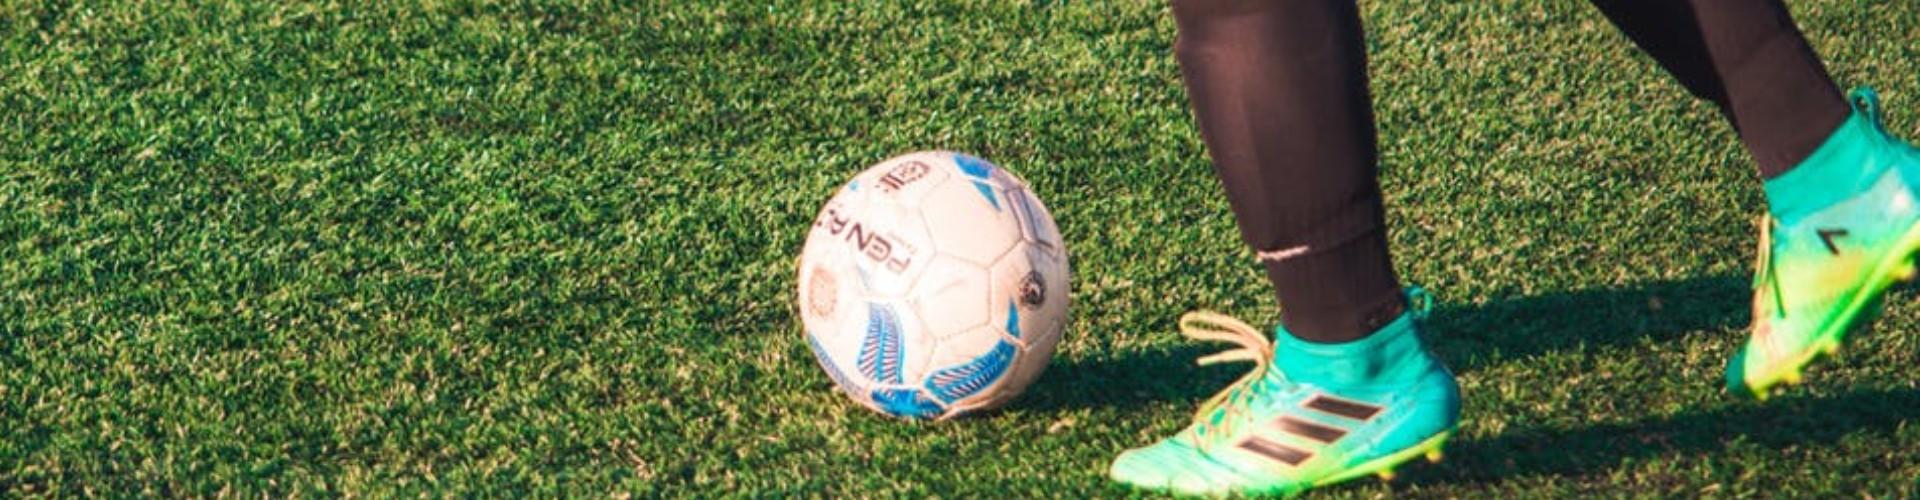 Sędzia piłkarski: jak zostać, jaki kurs wybrać, ile zarabia sędzia piłkarski